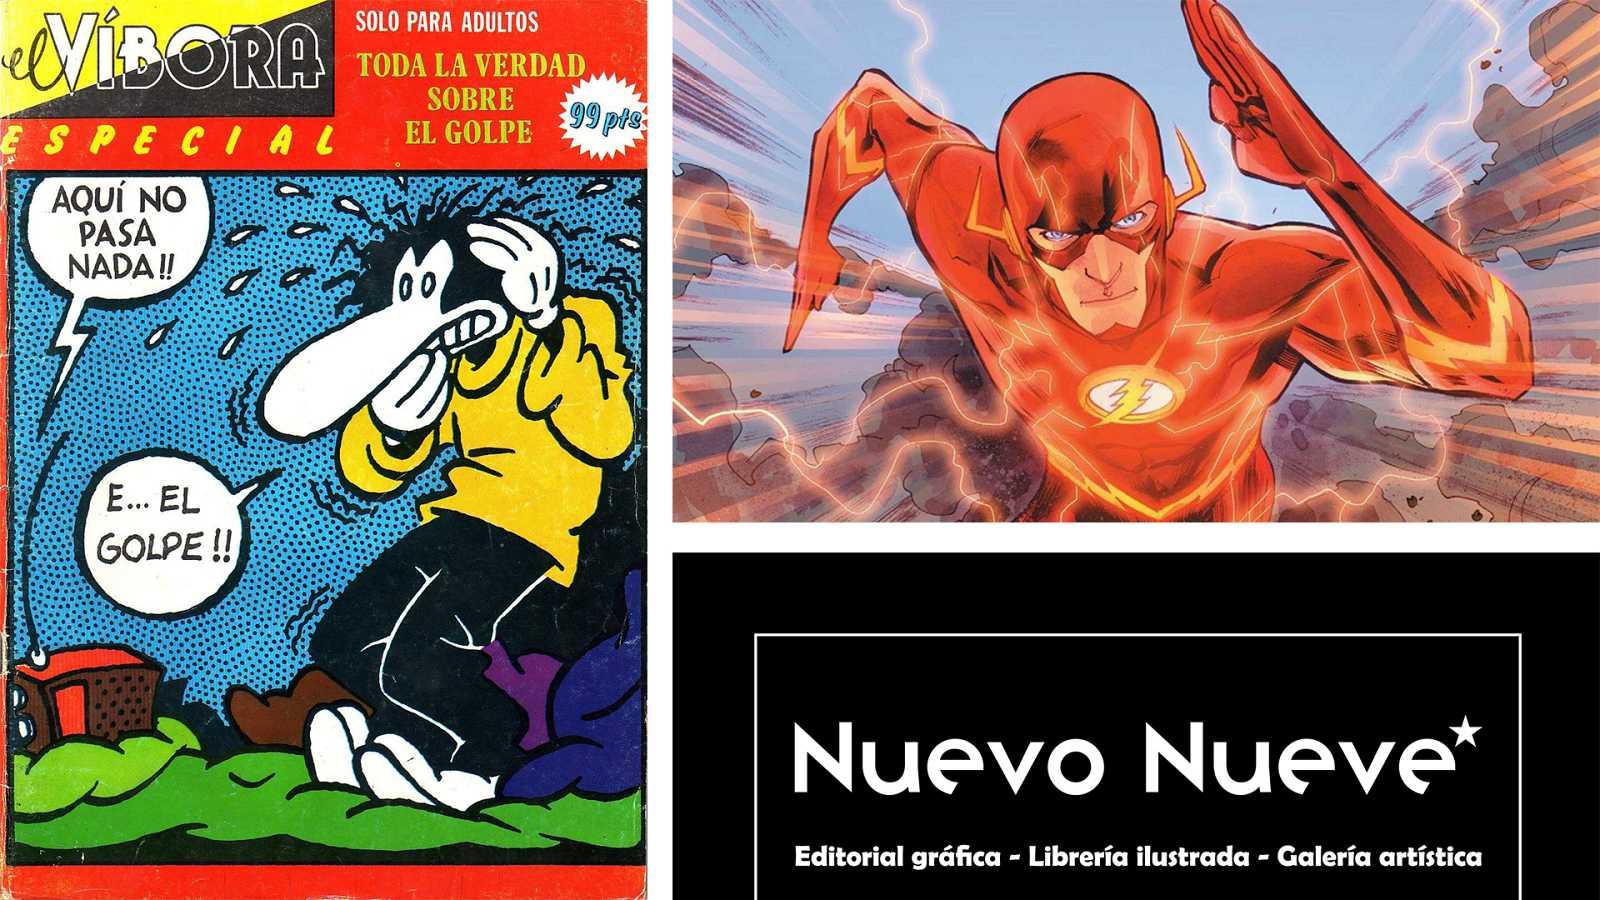 ¡Qué de cómics! - 40 años del 23F en viñetas, Flash y Nuevo Nueve - Escuchar ahora